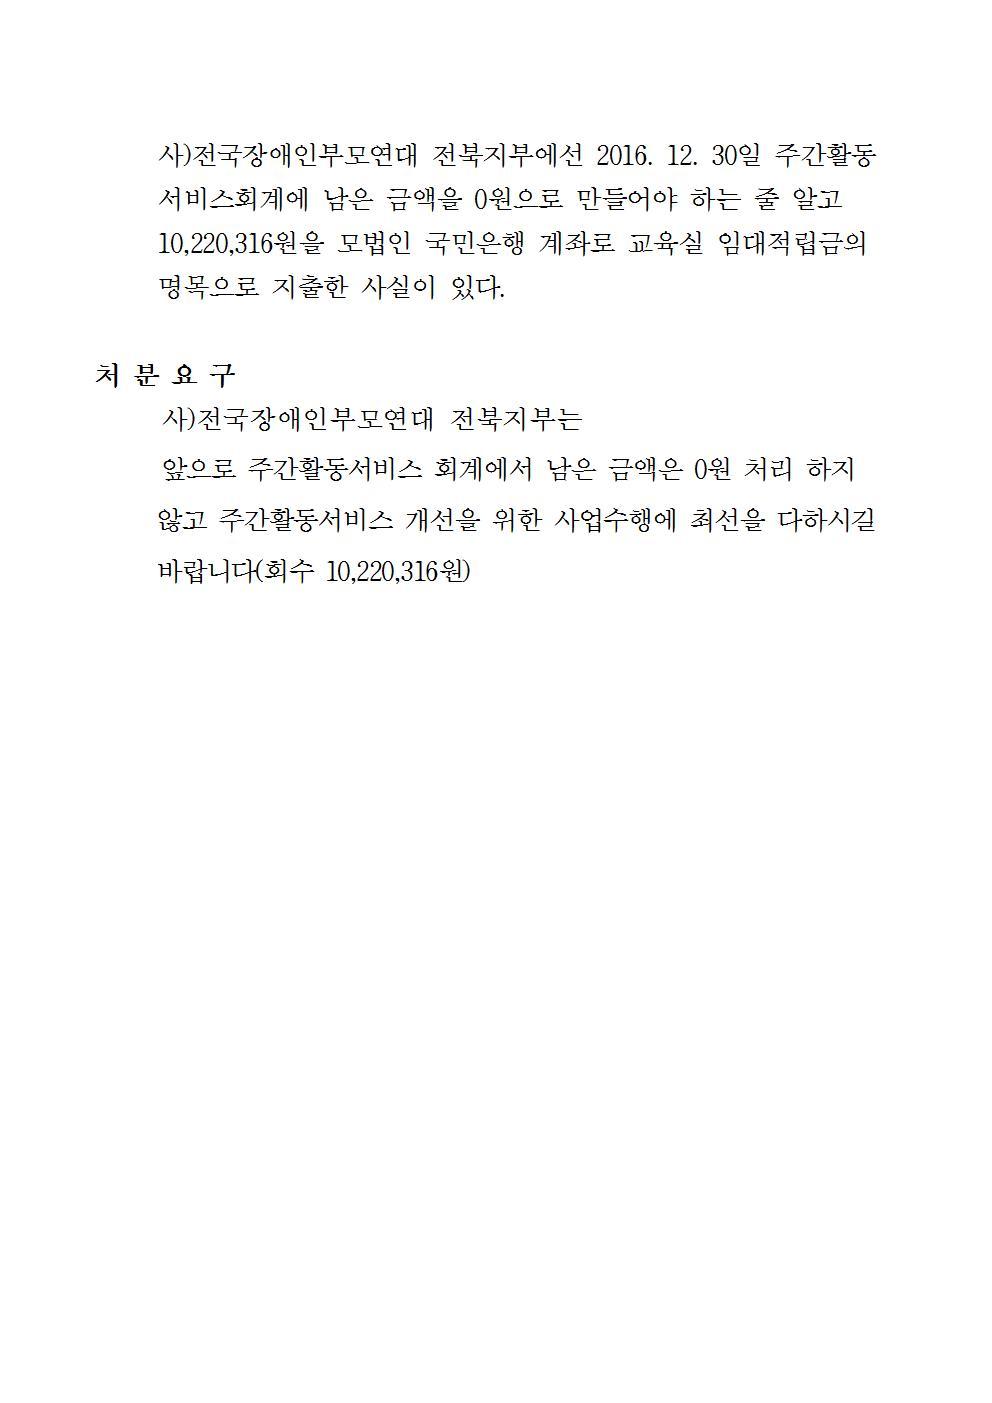 붙임) 처분요구서_전주시 생활복지과-37898(2017.9.1)호(공개용)004.jpg